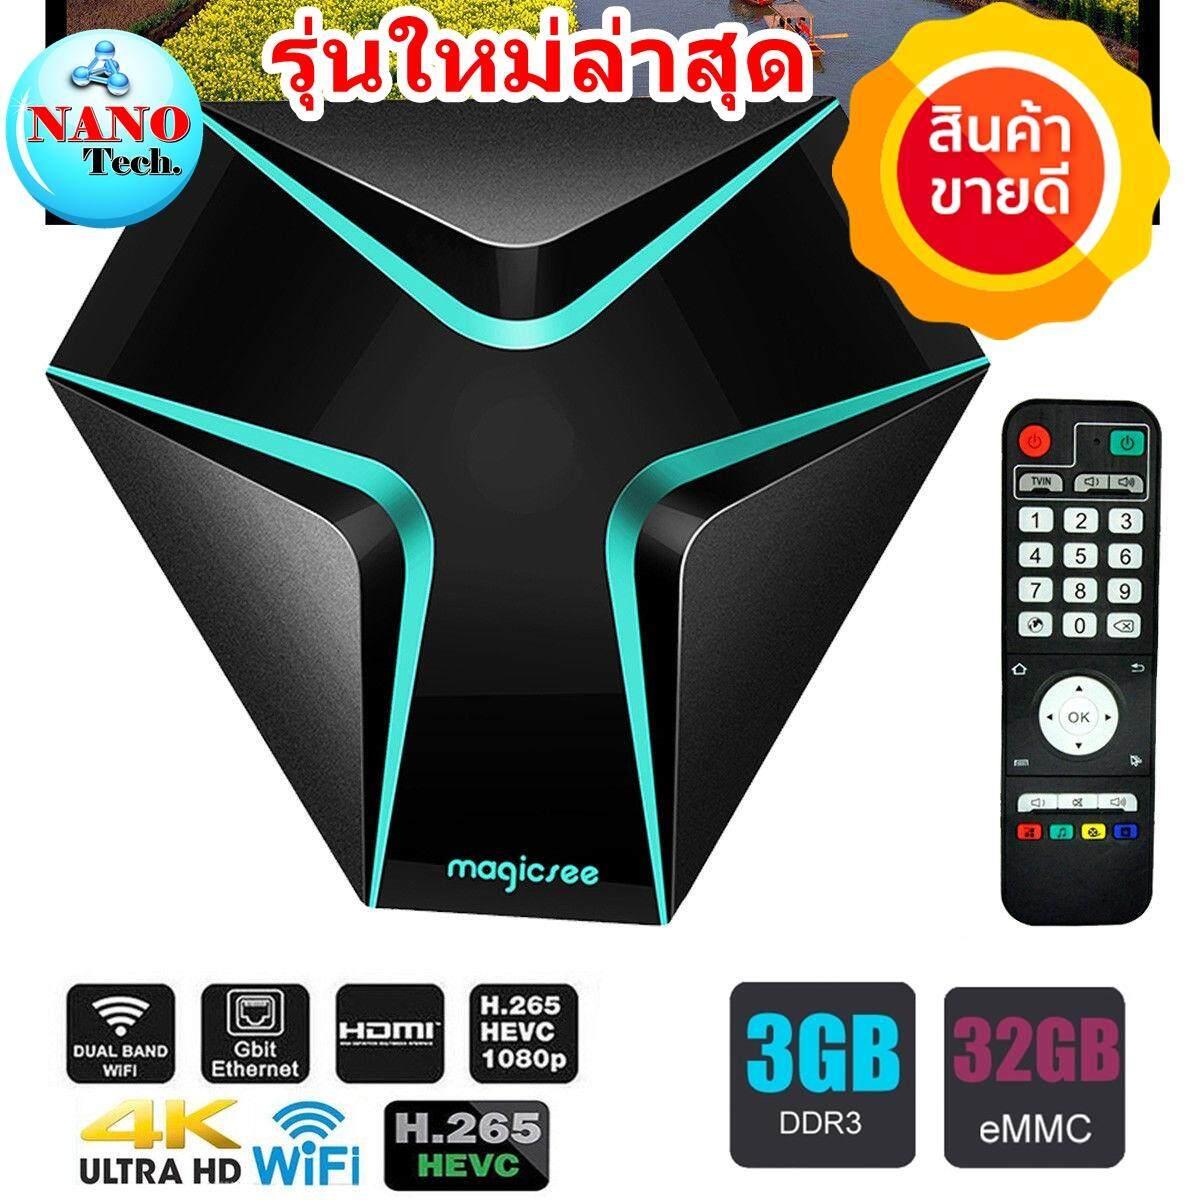 สอนใช้งาน  กาฬสินธุ์ Android Smart TV Box  รองรับภาษาไทย รุ่นใหม่ปี 2018 MAGICSEE IRON+ 3GB/32GB S912 Octa Core 7.1.2